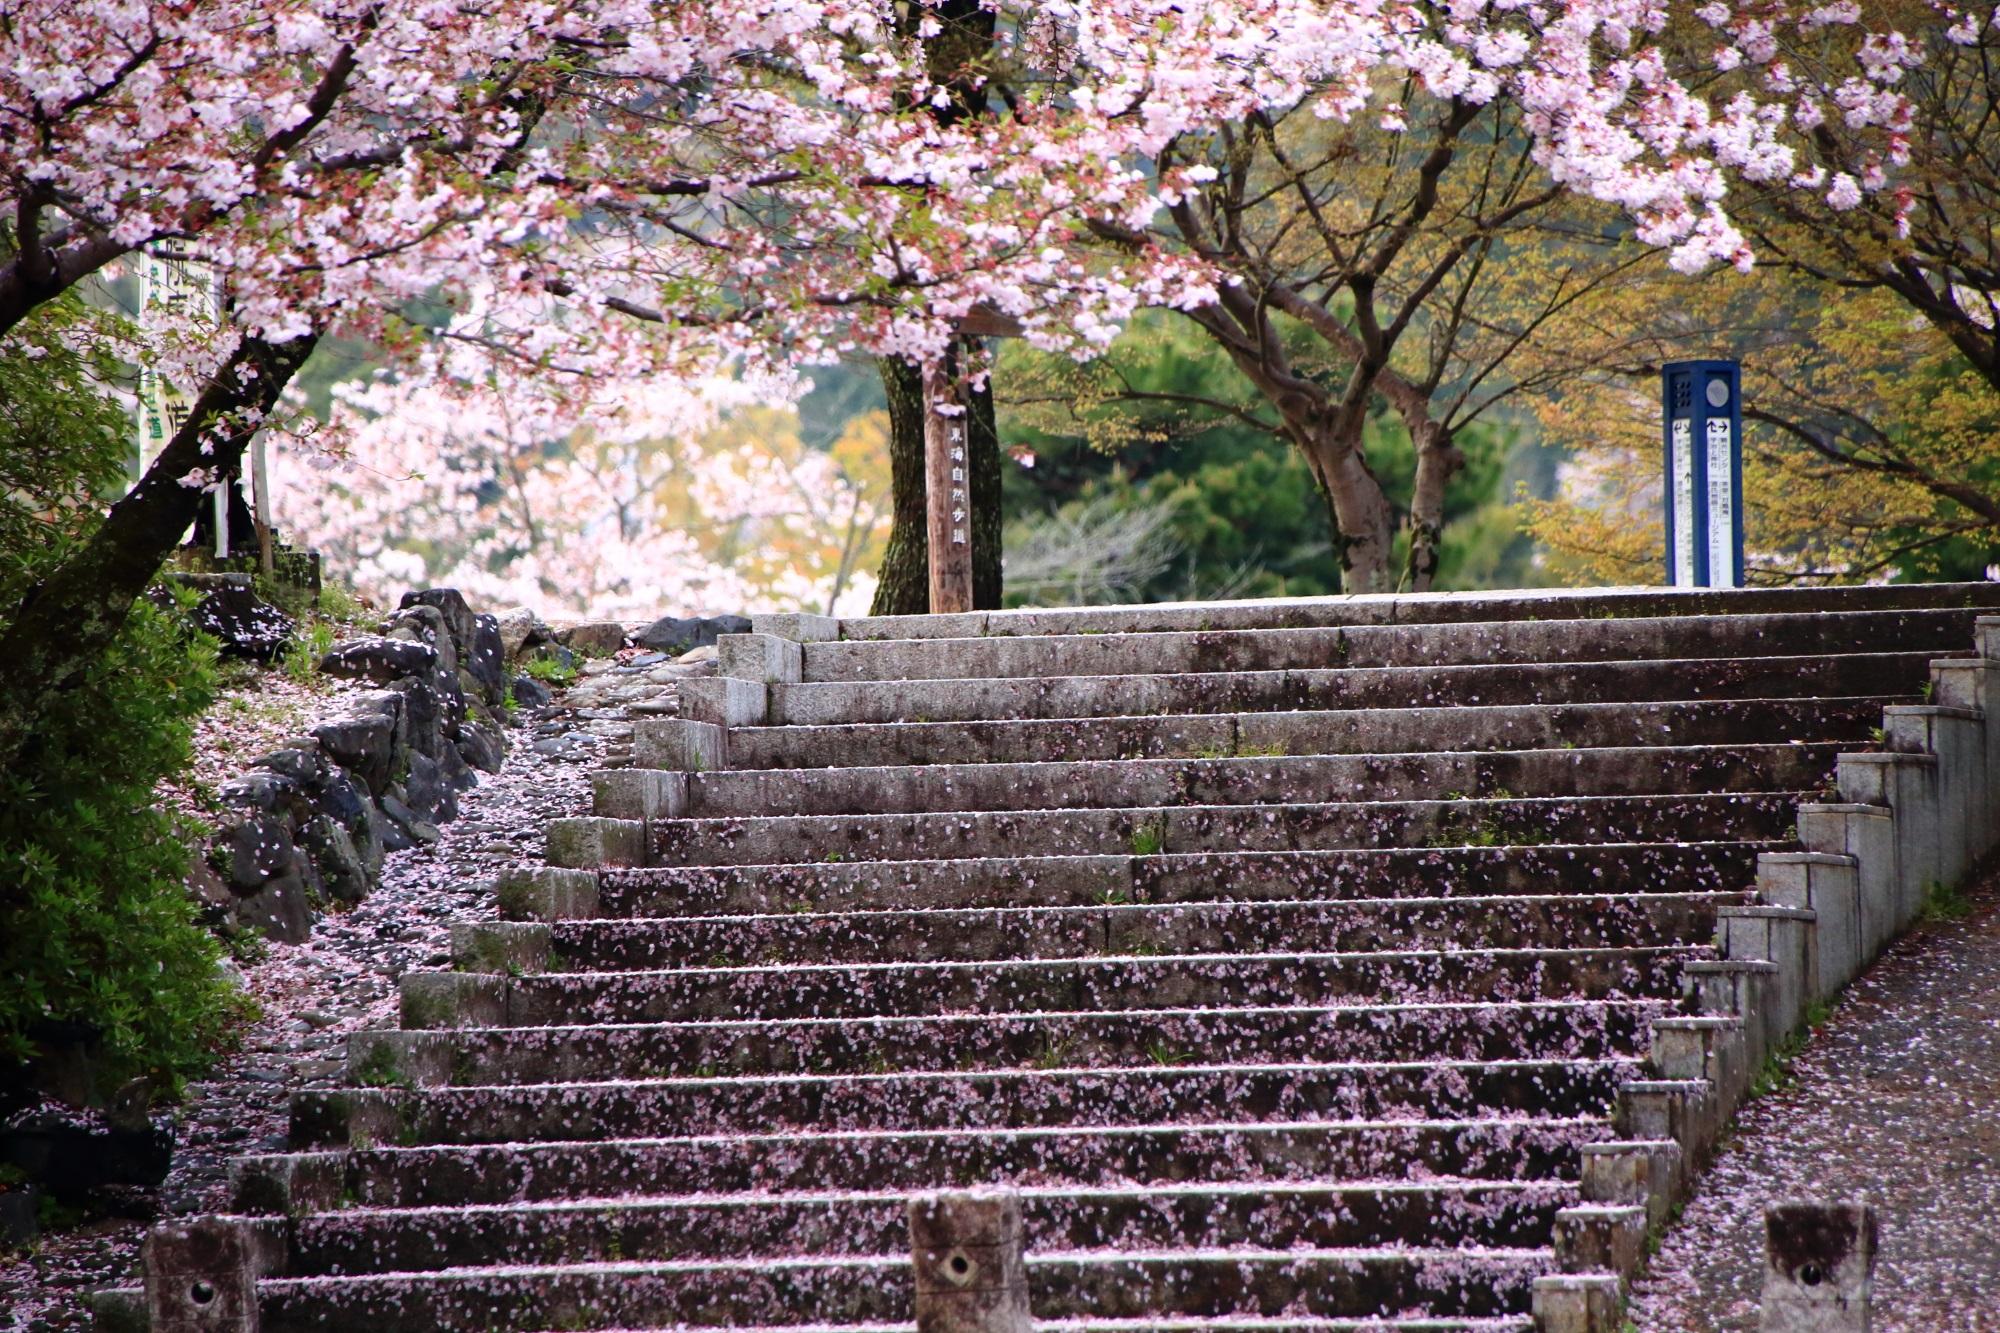 だいぶ散るもその散り桜が綺麗な宇治川